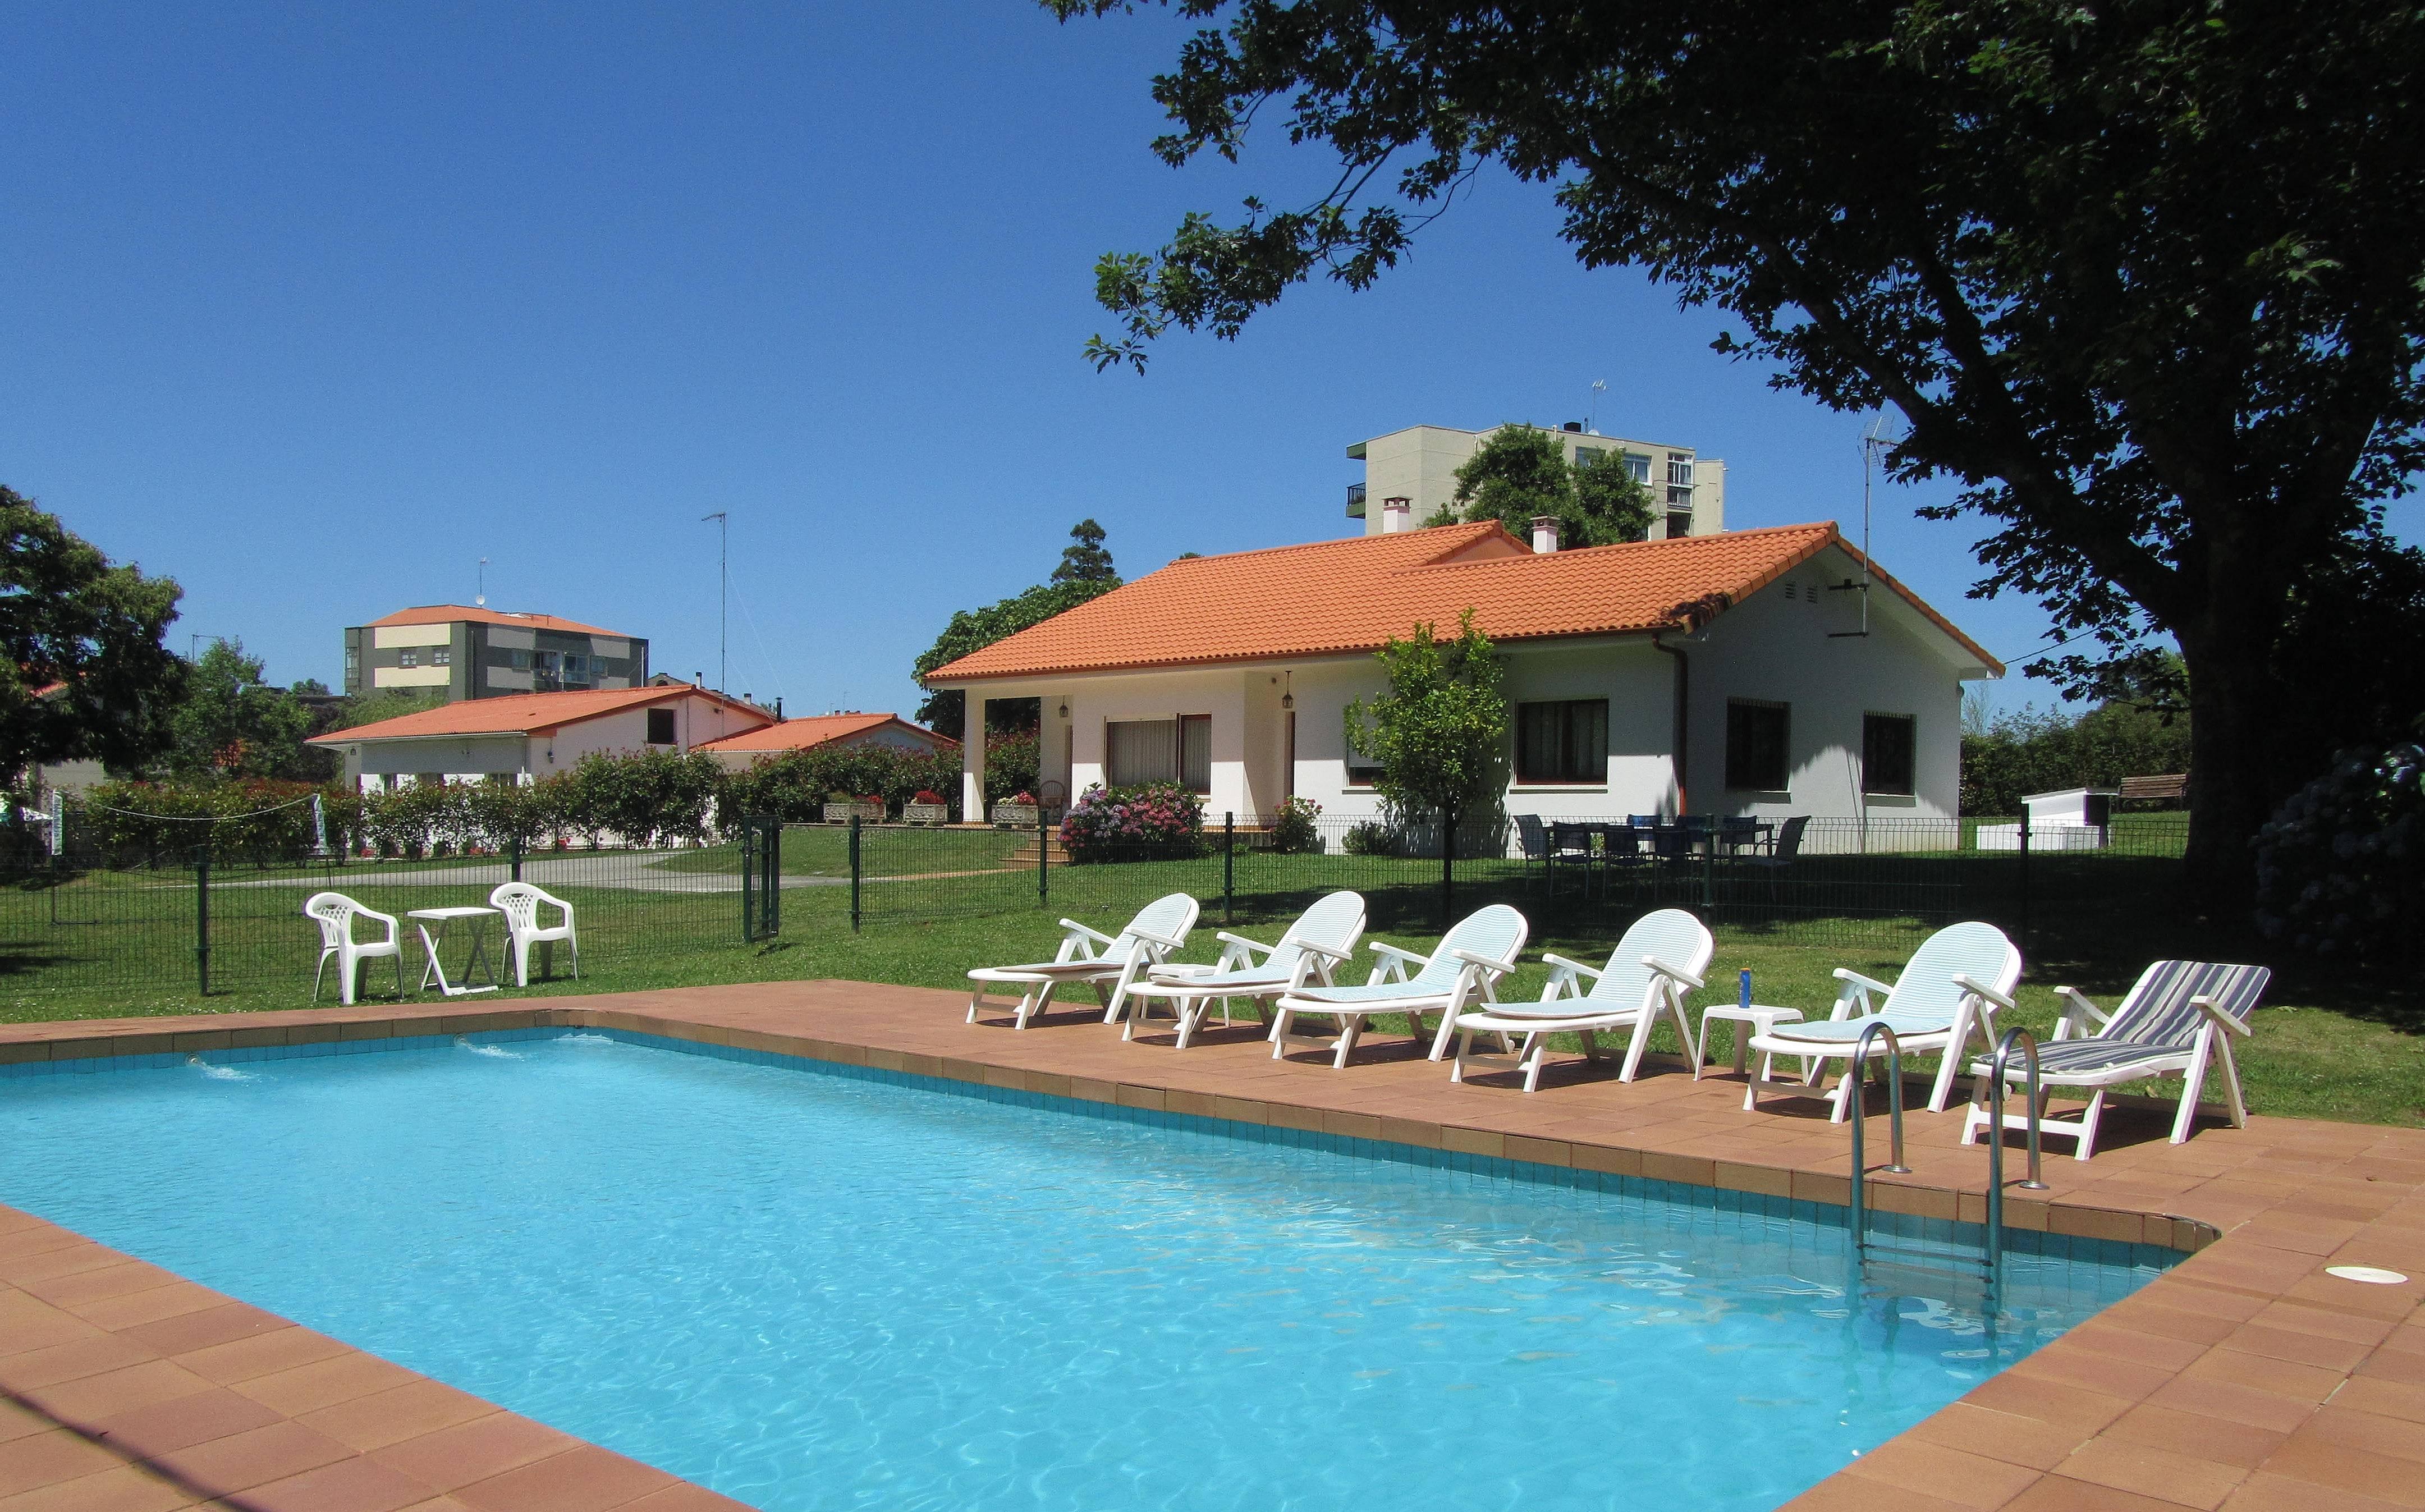 Casas de vacaciones en Oleiros - A Coruña/La Coruña. Chalets, casas ...